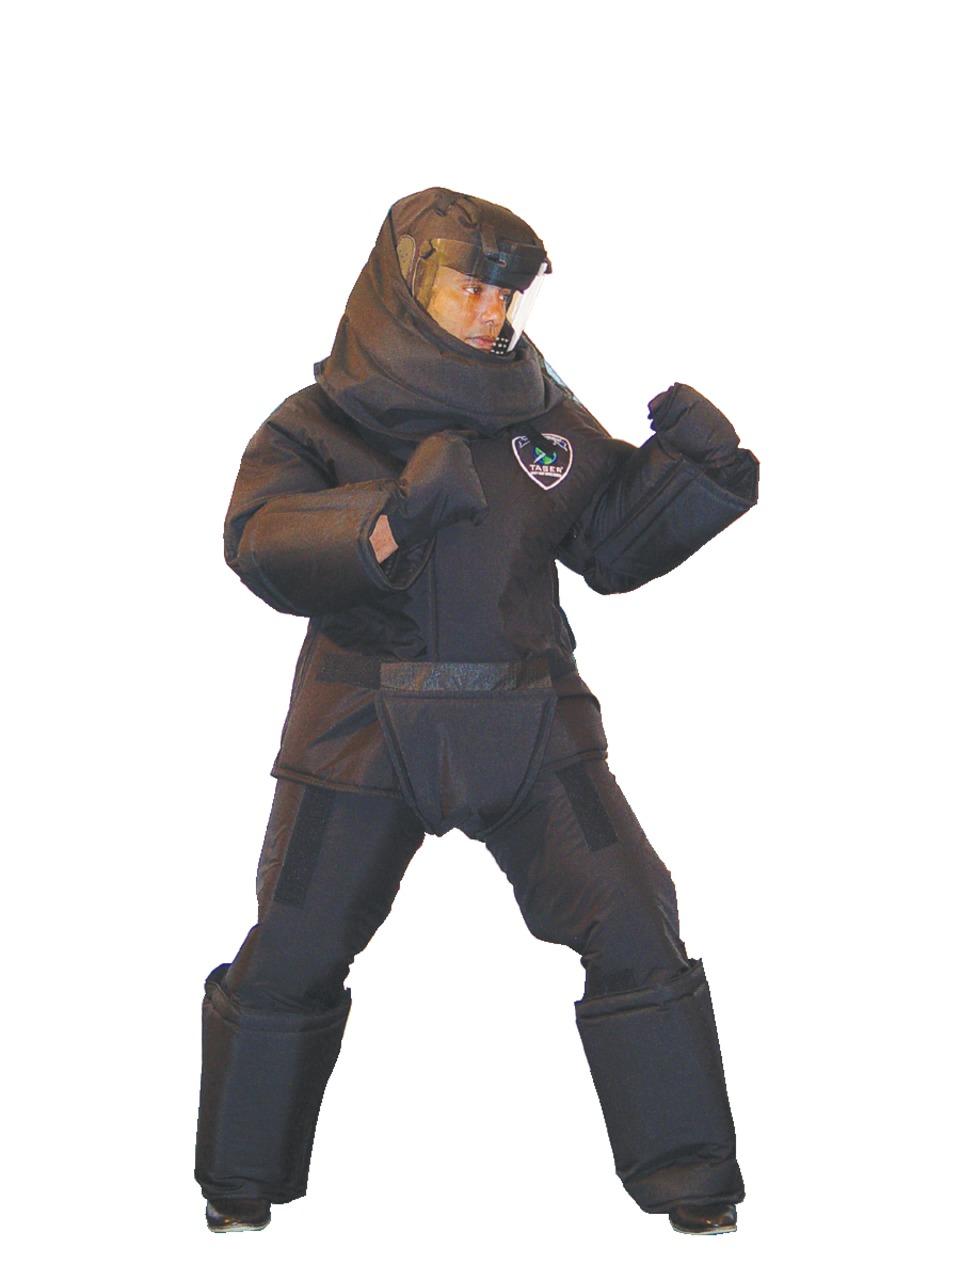 Axon Taser Simulation Training Suit In Training Amp Careers